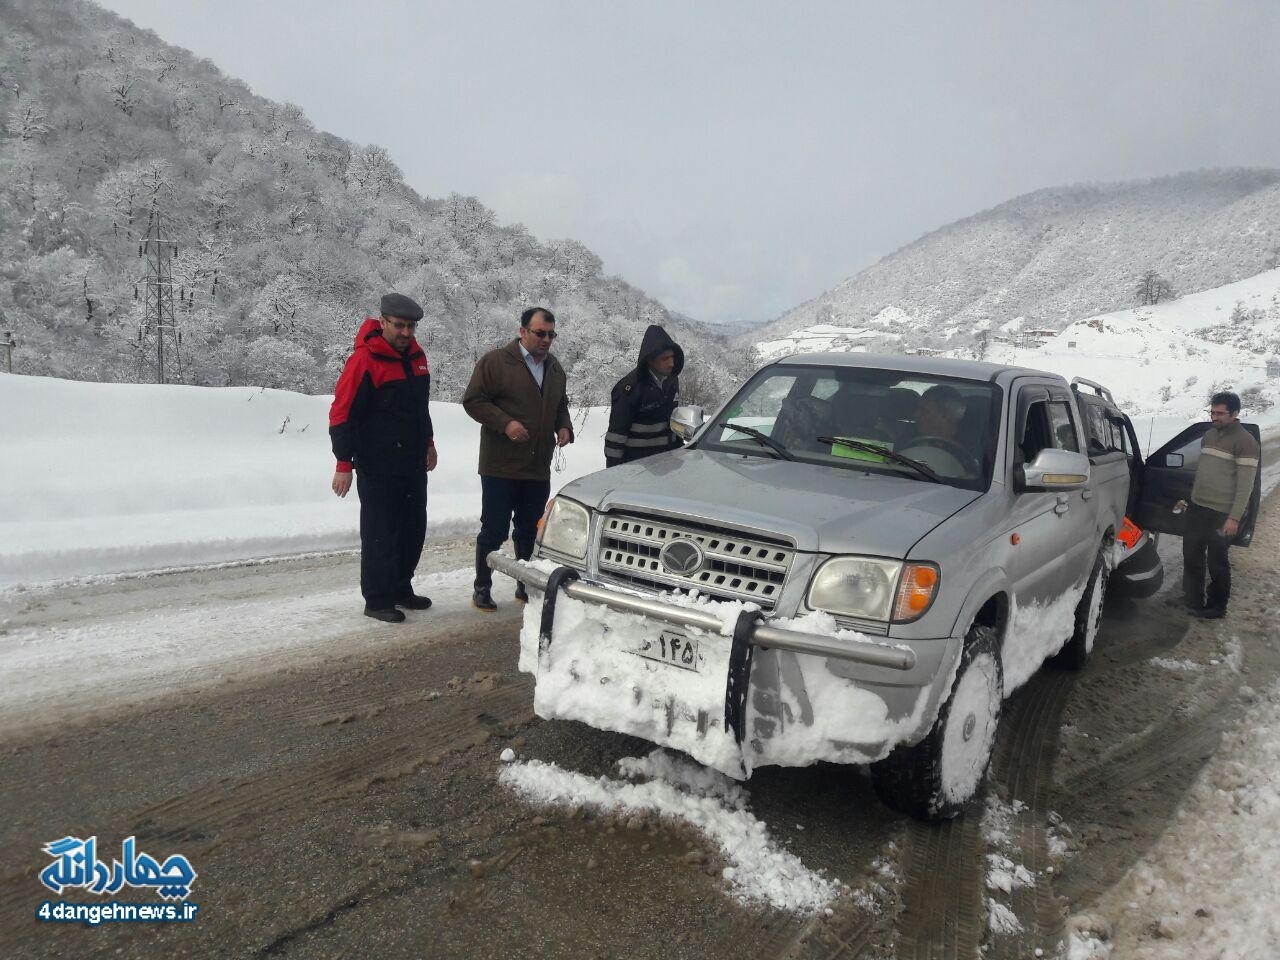 بخشدار آخرین وضعیت بخش چهاردانگه را در پی بارش شدید برف تشریح کرد